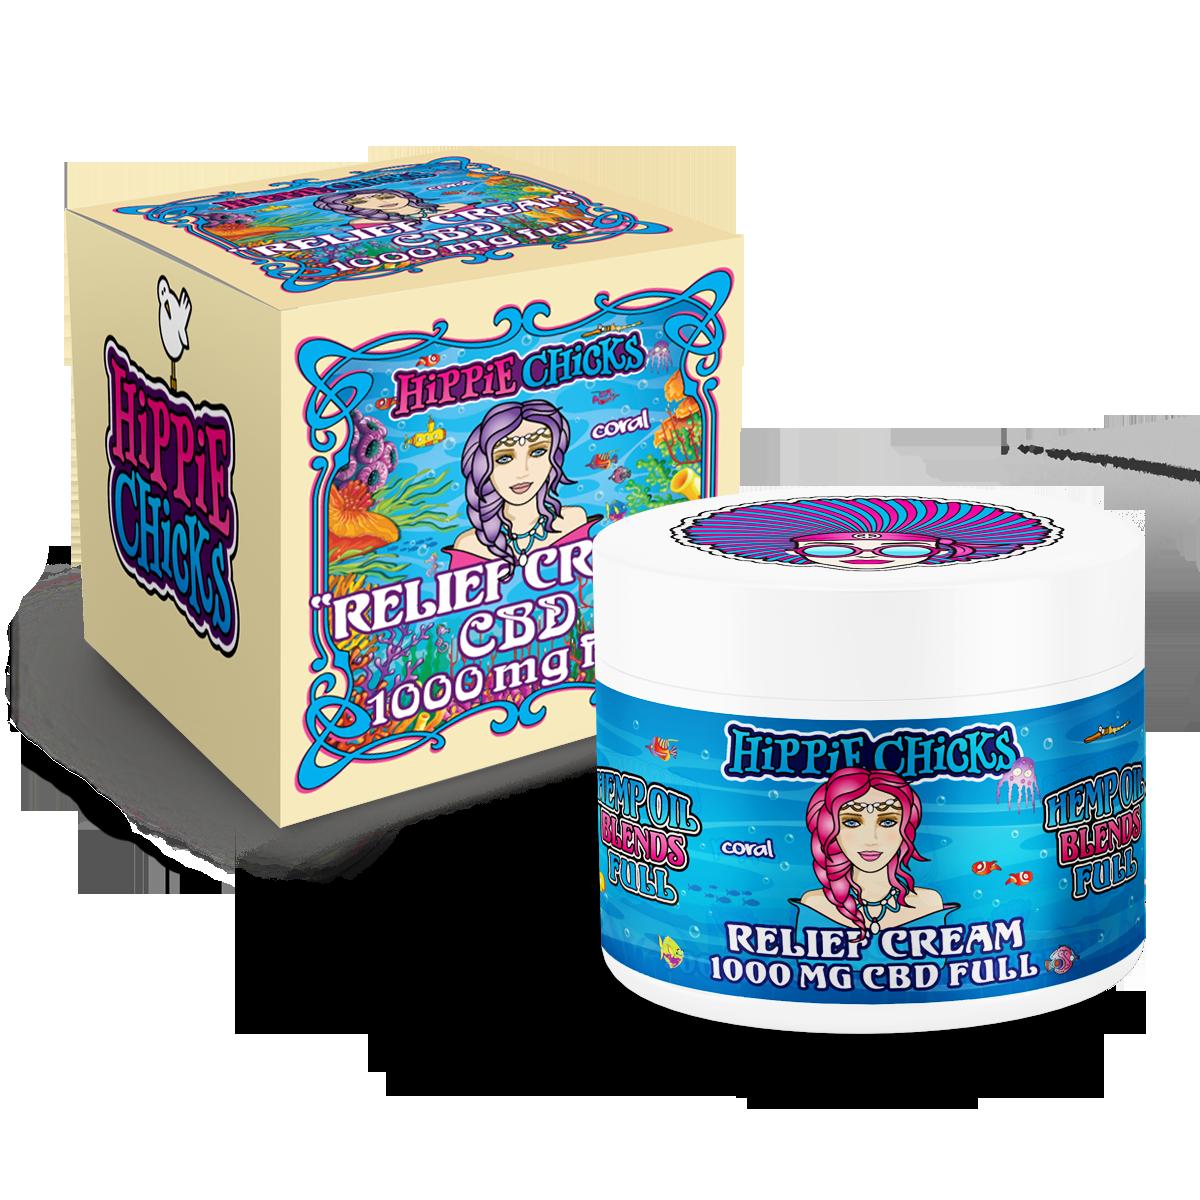 hippie-chicks-pain-relief-cream-1000mg-CBD-full-spectrum oil